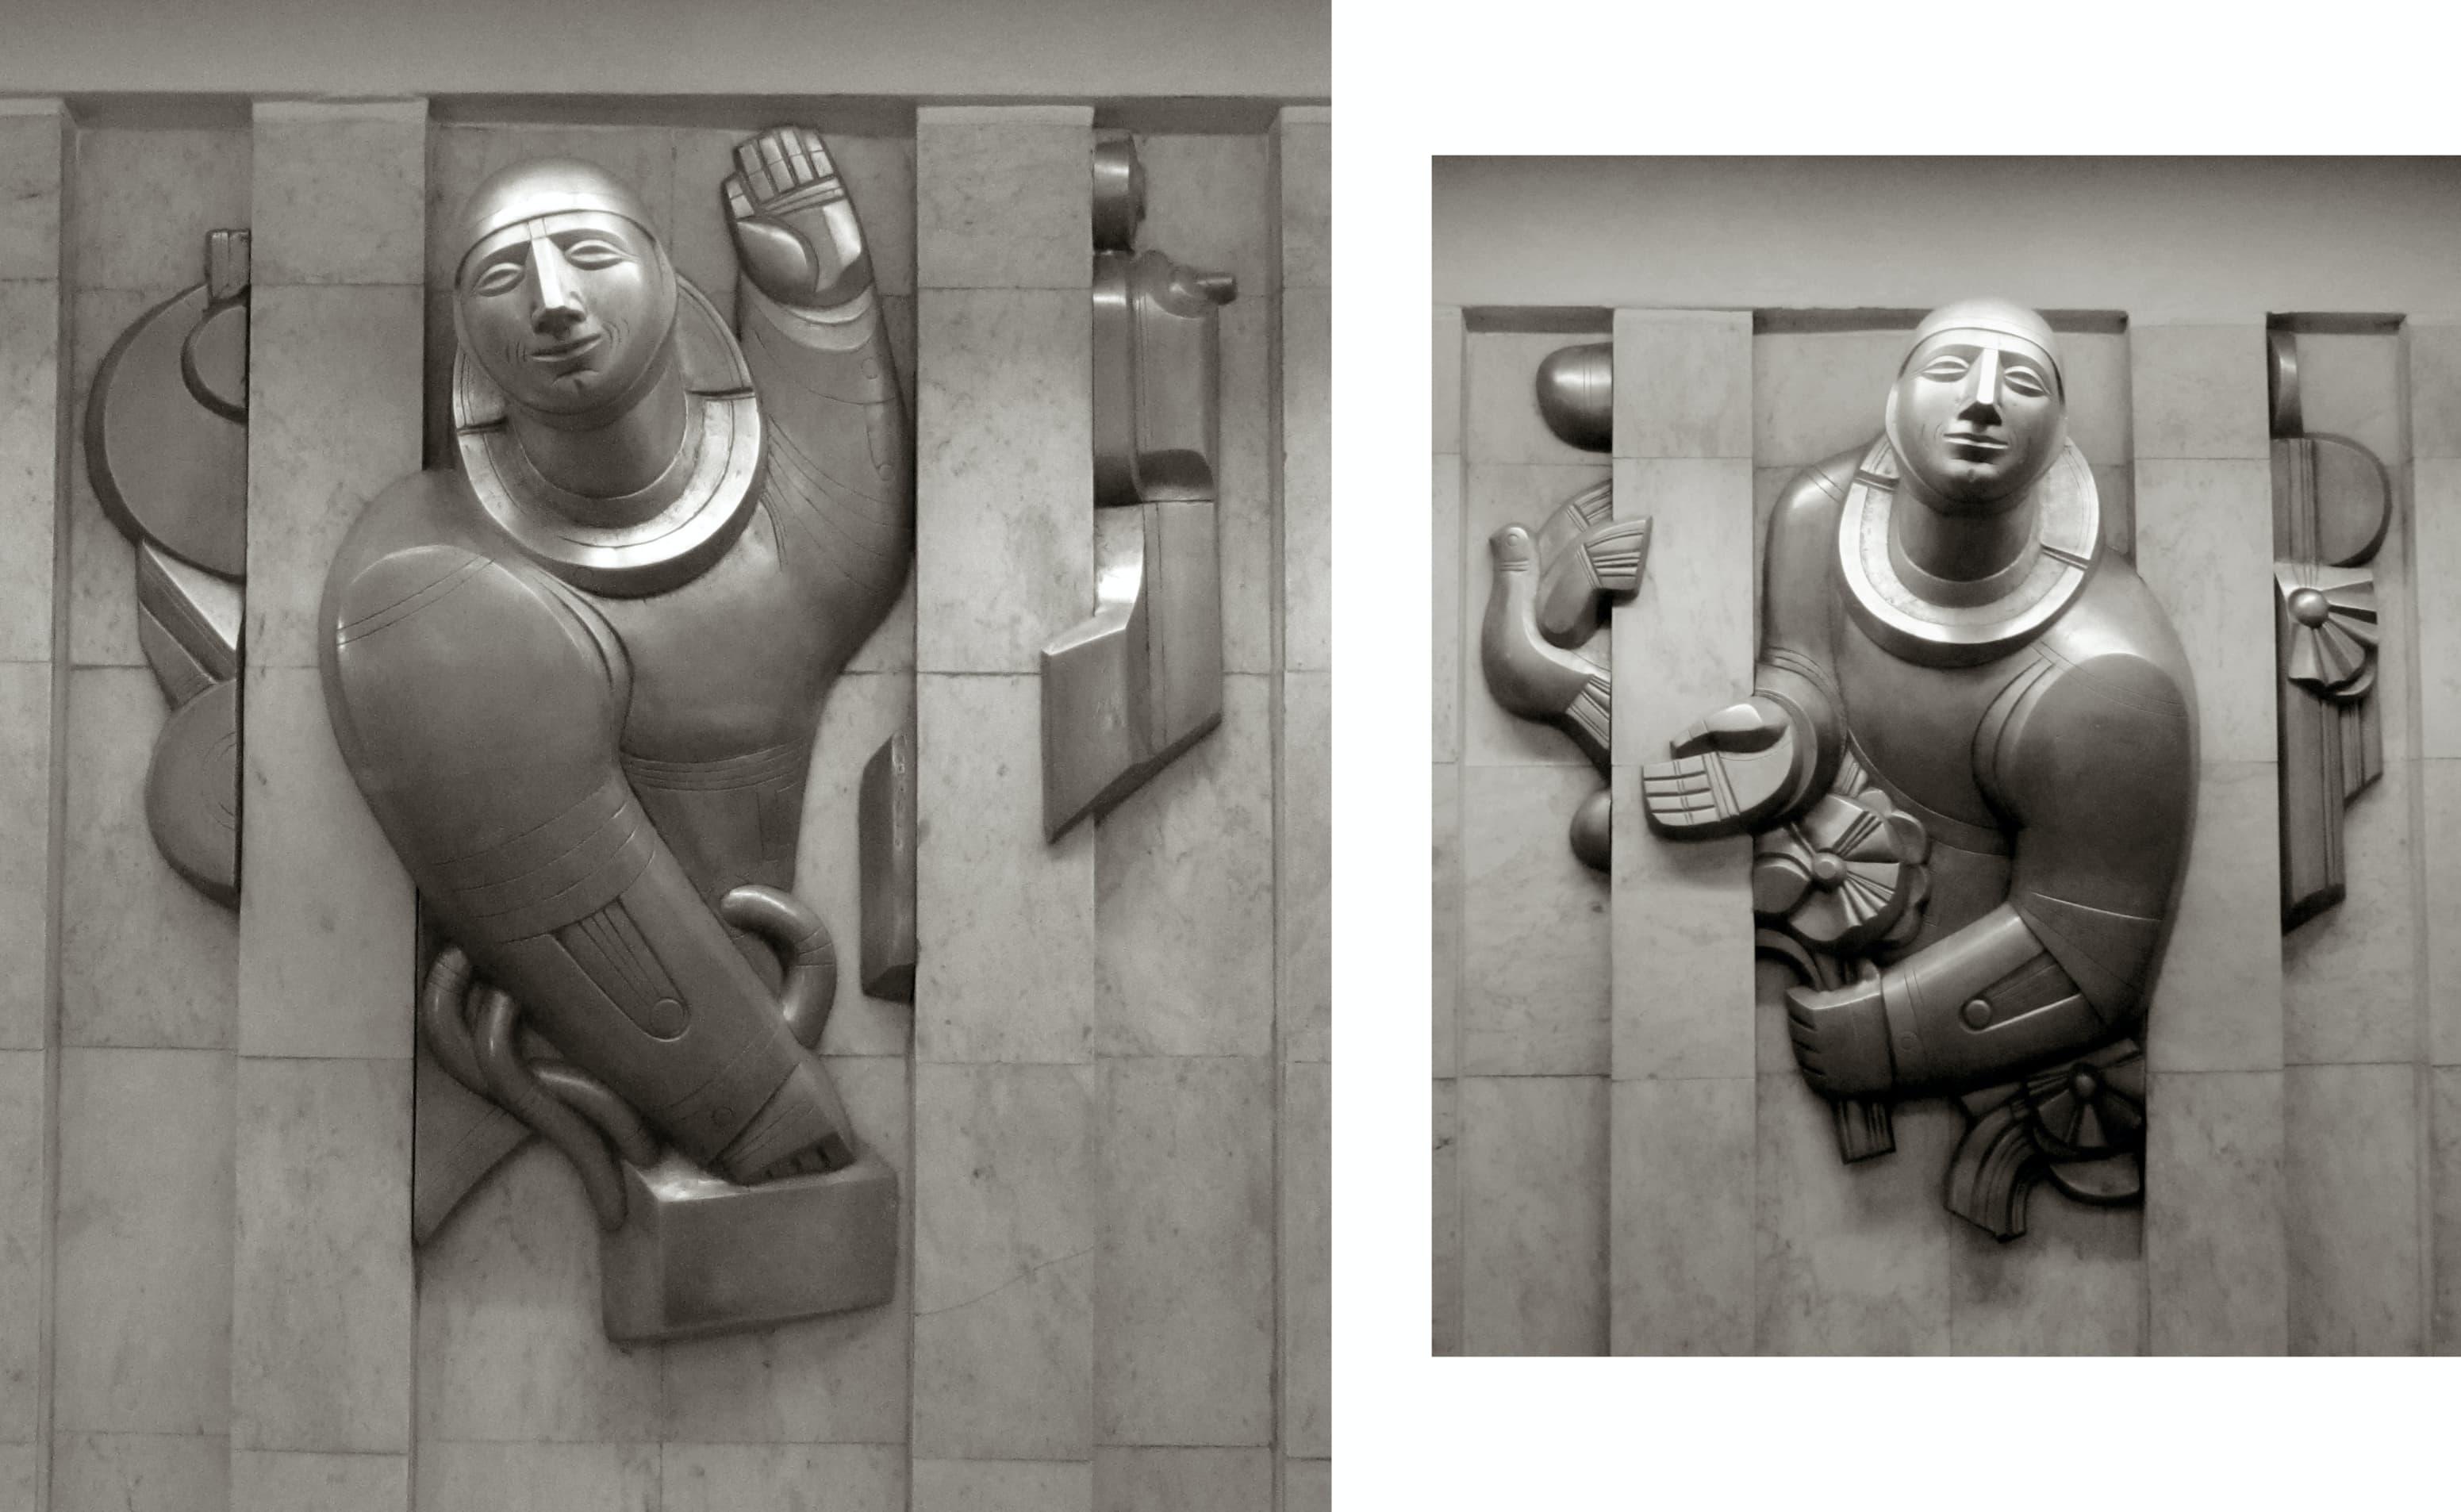 Борис Клочков, рельефы «Встреча» и «Прощание» в фойе станции «Проспект Космонавтов»